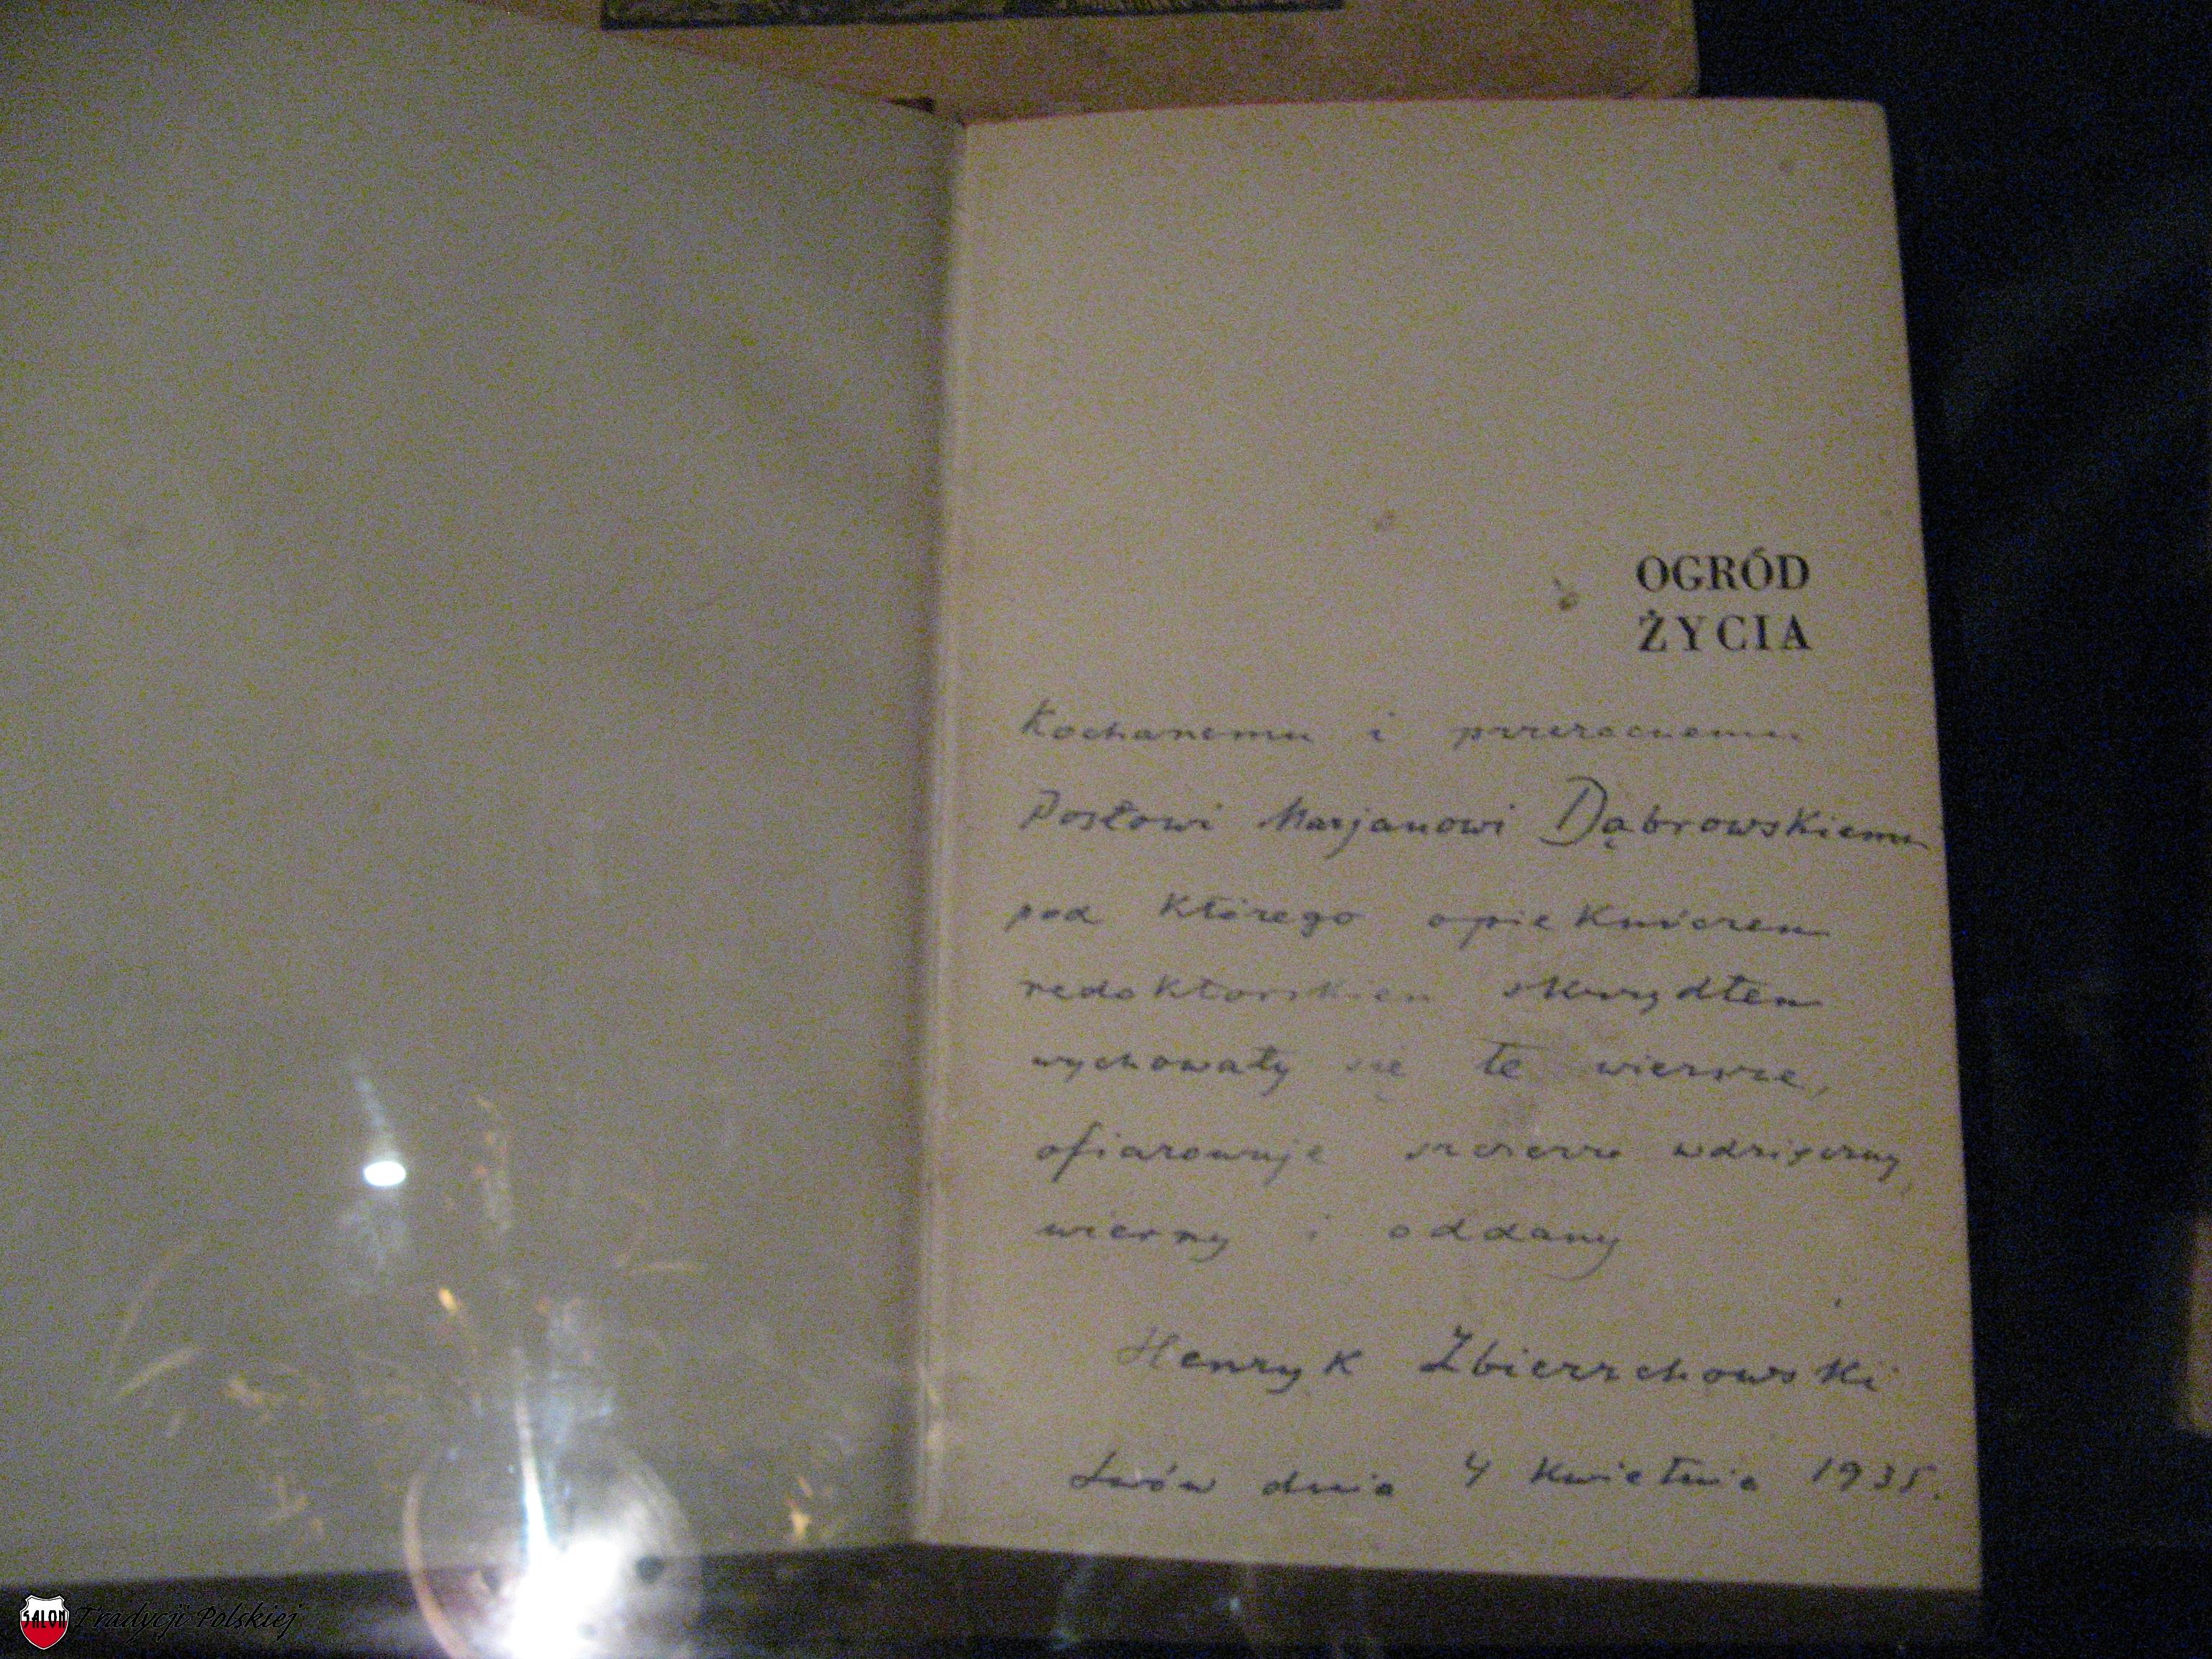 IMG_0043-25.05.13-Salon-Tradycji-Henryk-Zbierzchowski